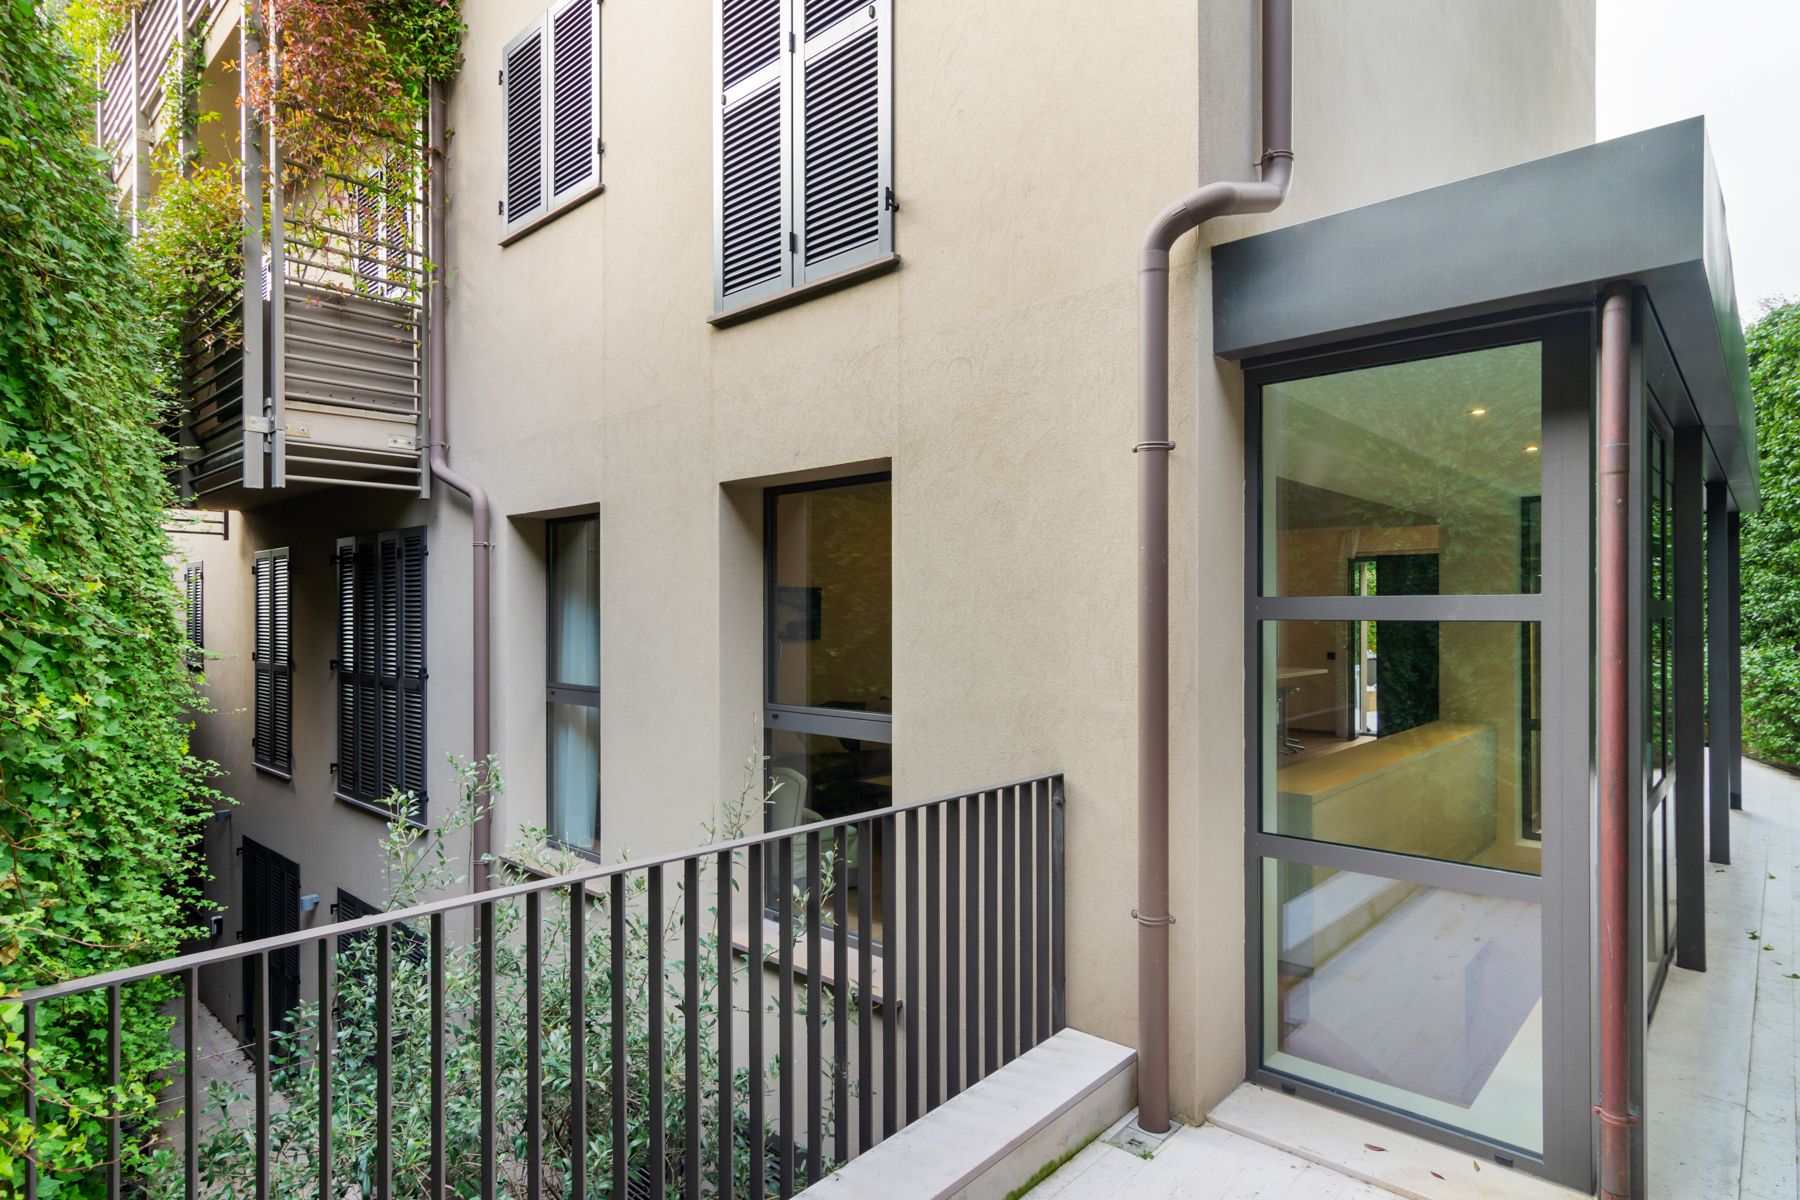 Appartamento in Vendita a Santa Margherita Ligure: 4 locali, 124 mq - Foto 3